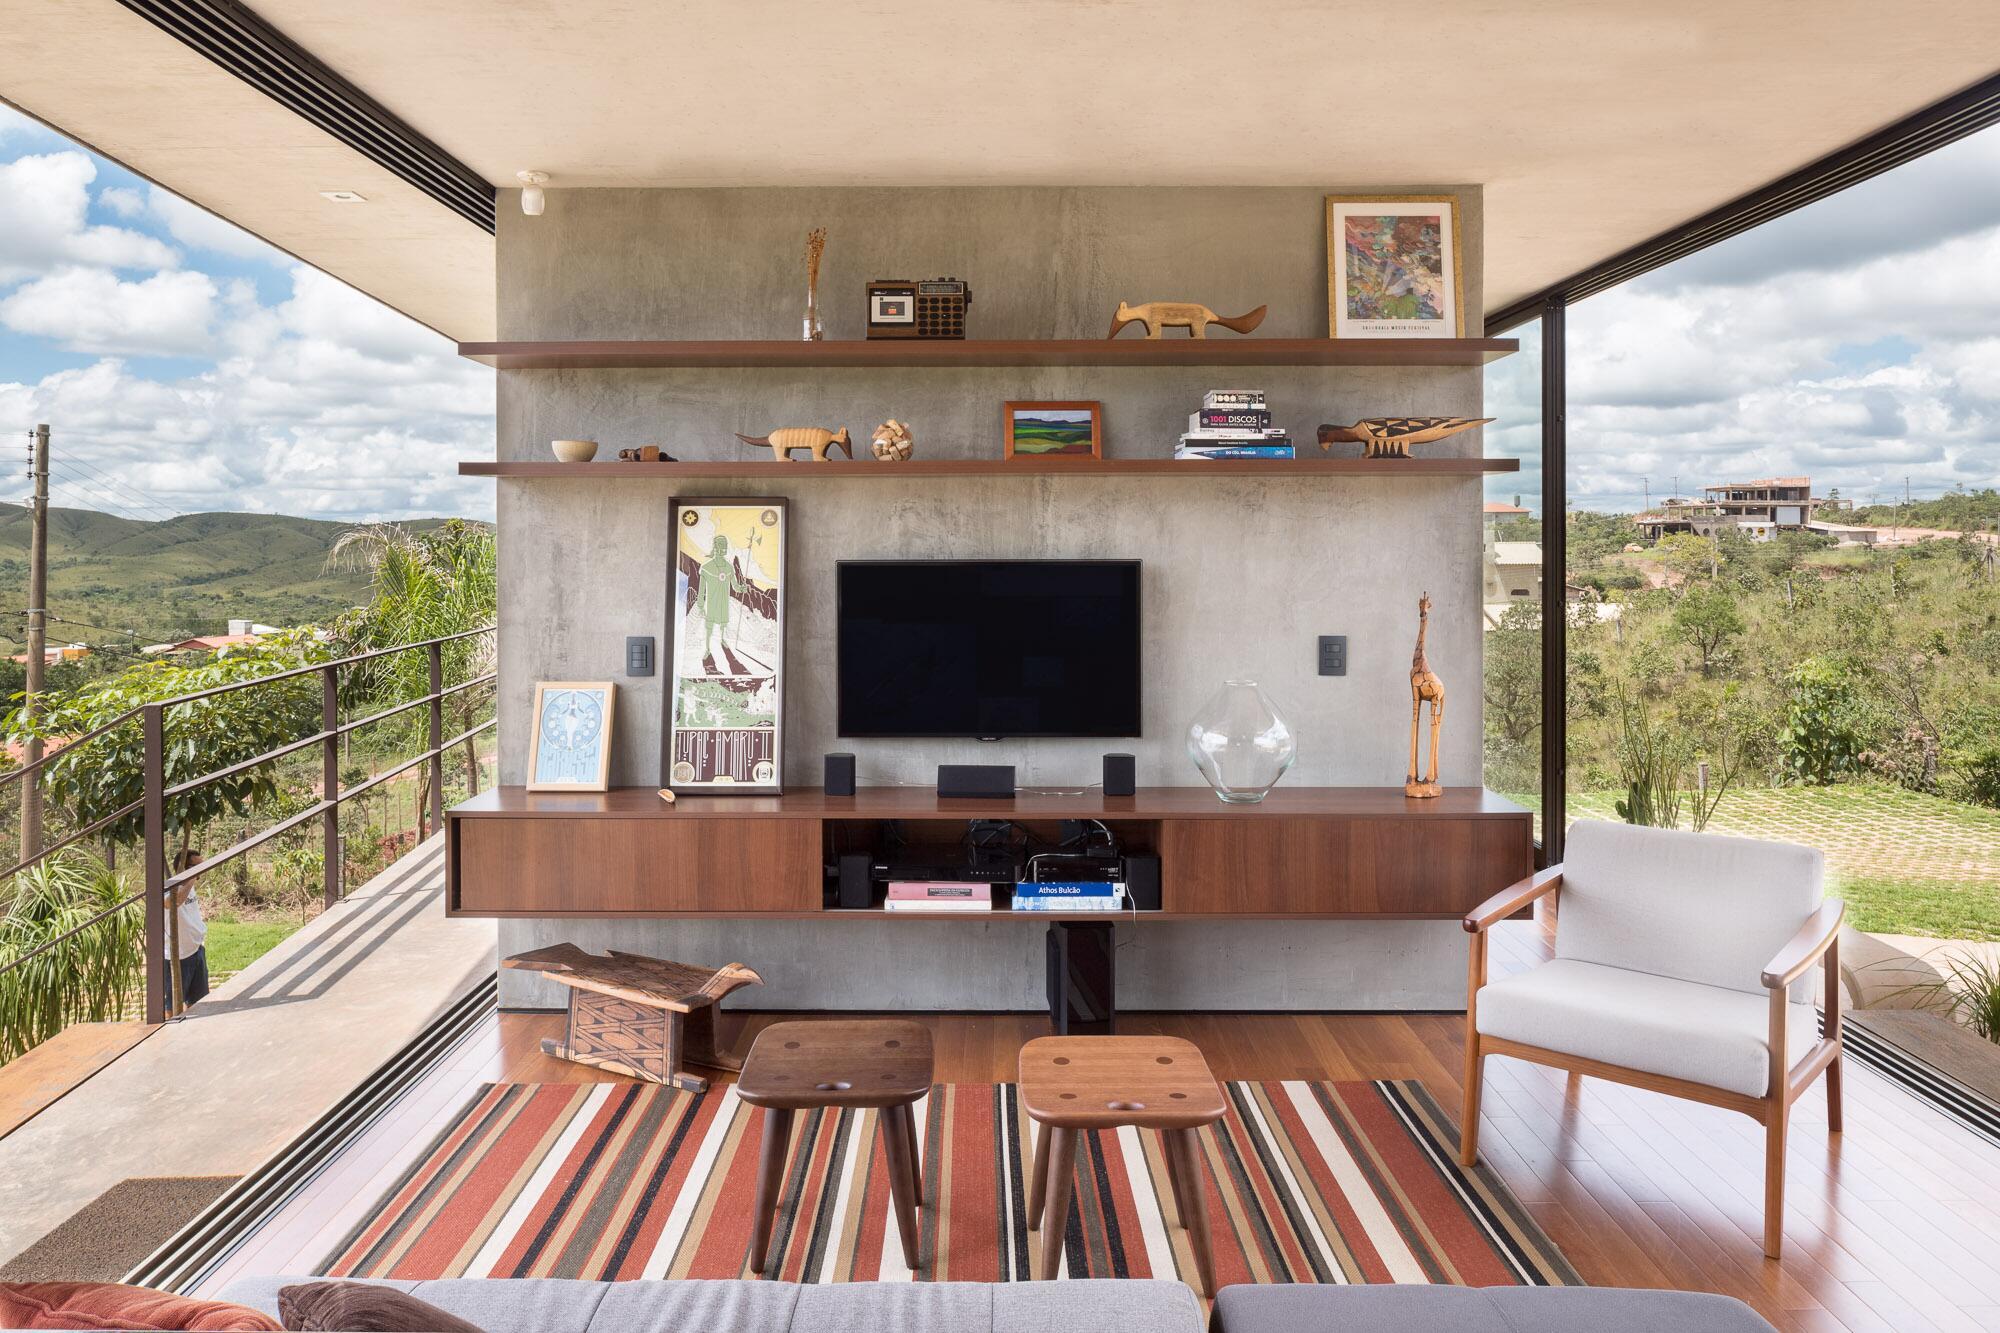 cooles bild wohnzimmer:Moderner Stilmix: Cooler Industrial-Style trifft auf warme Holztöne.